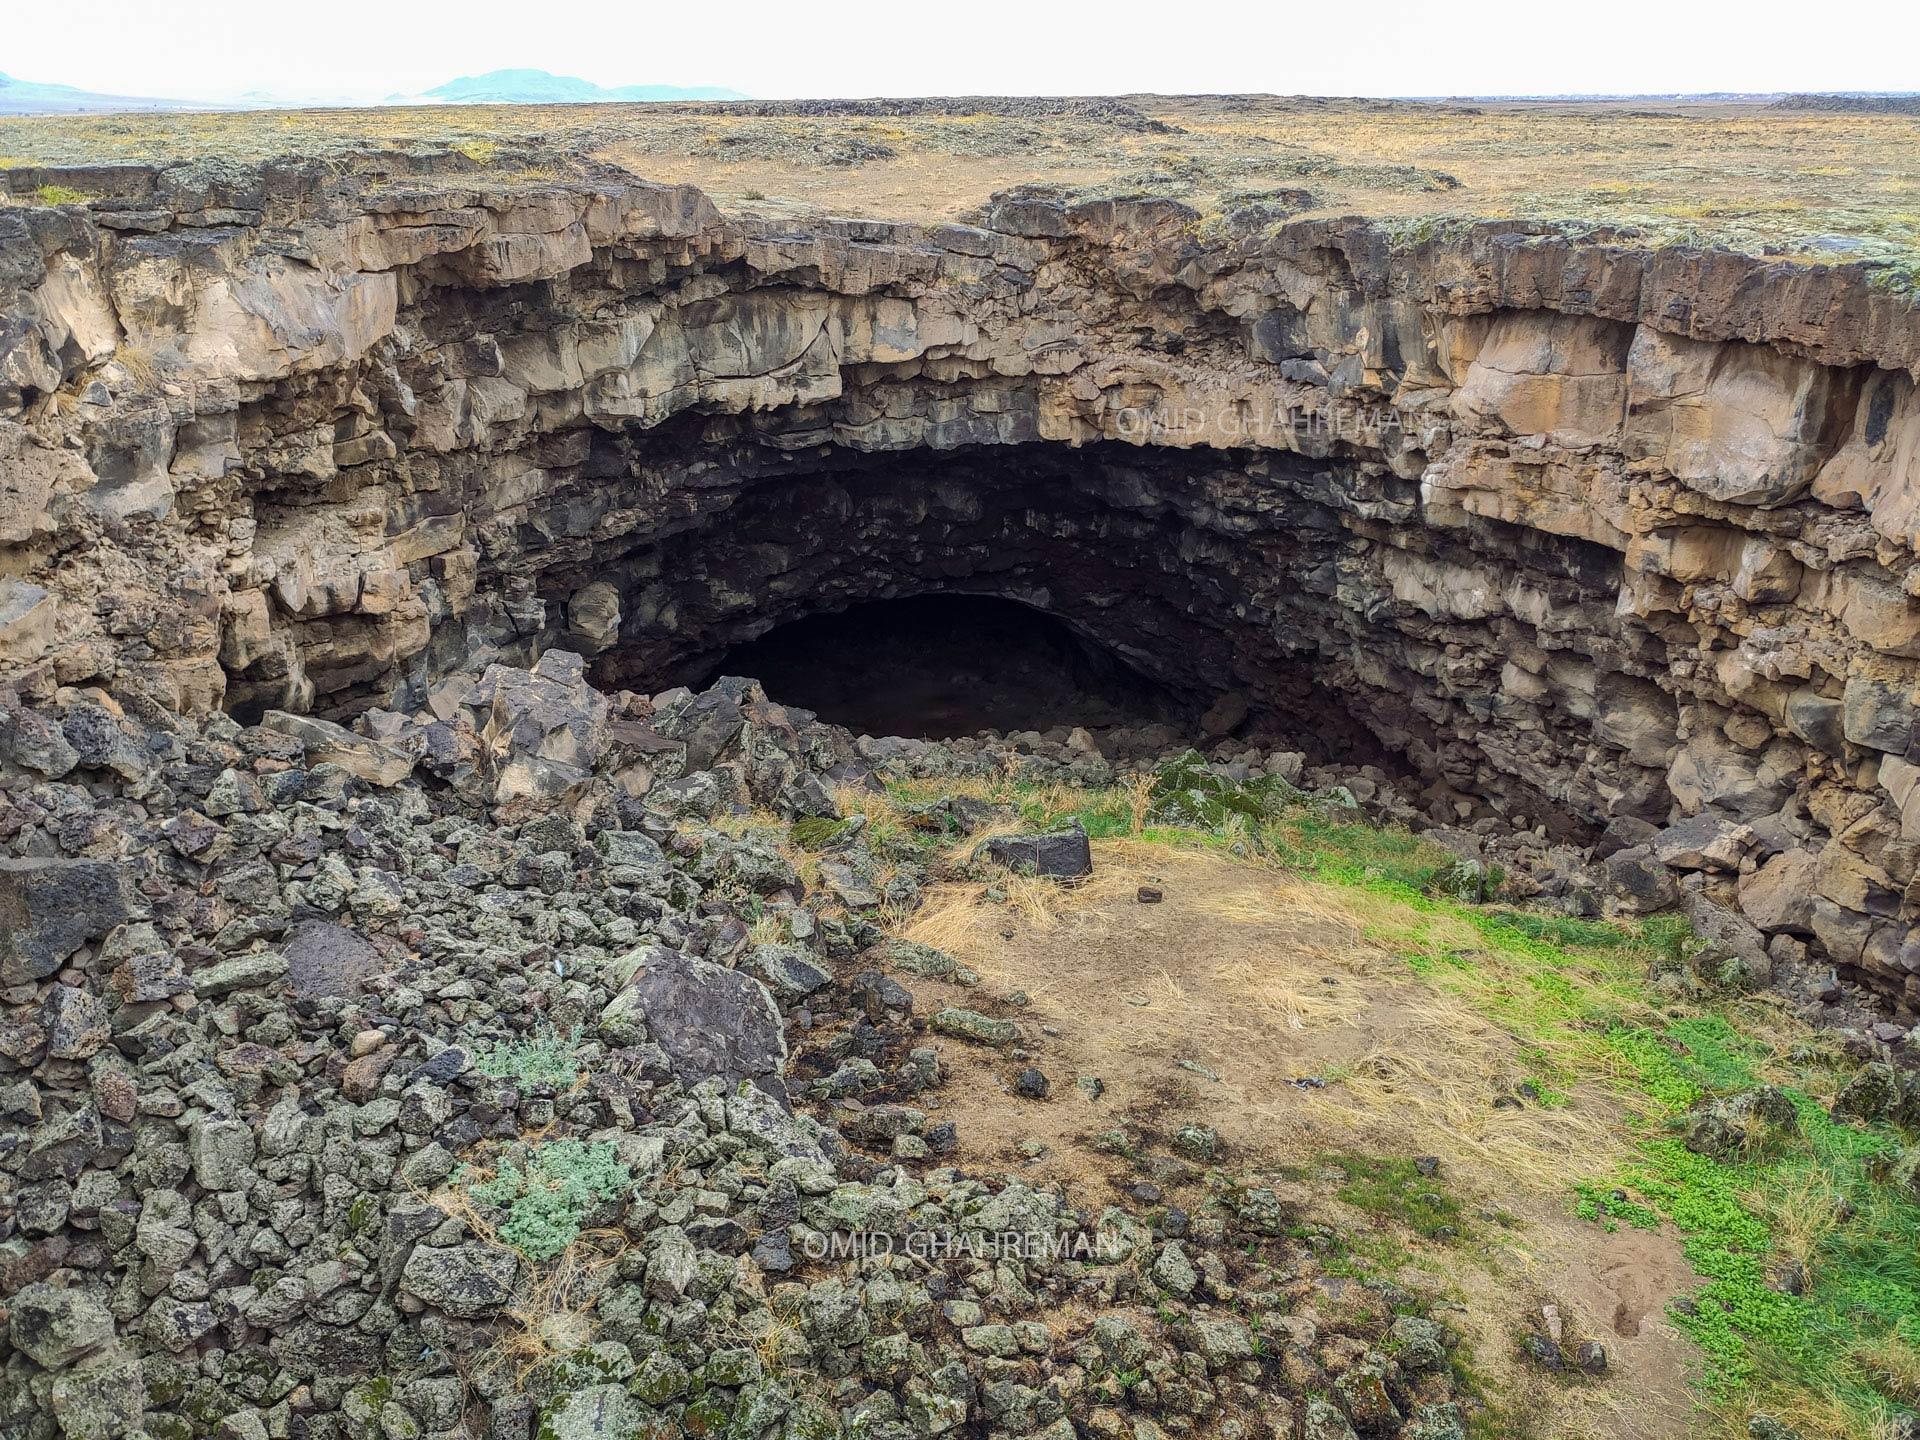 غار آتش فشانی و لاواتیوب جویرچین Govarchin lava tube cave